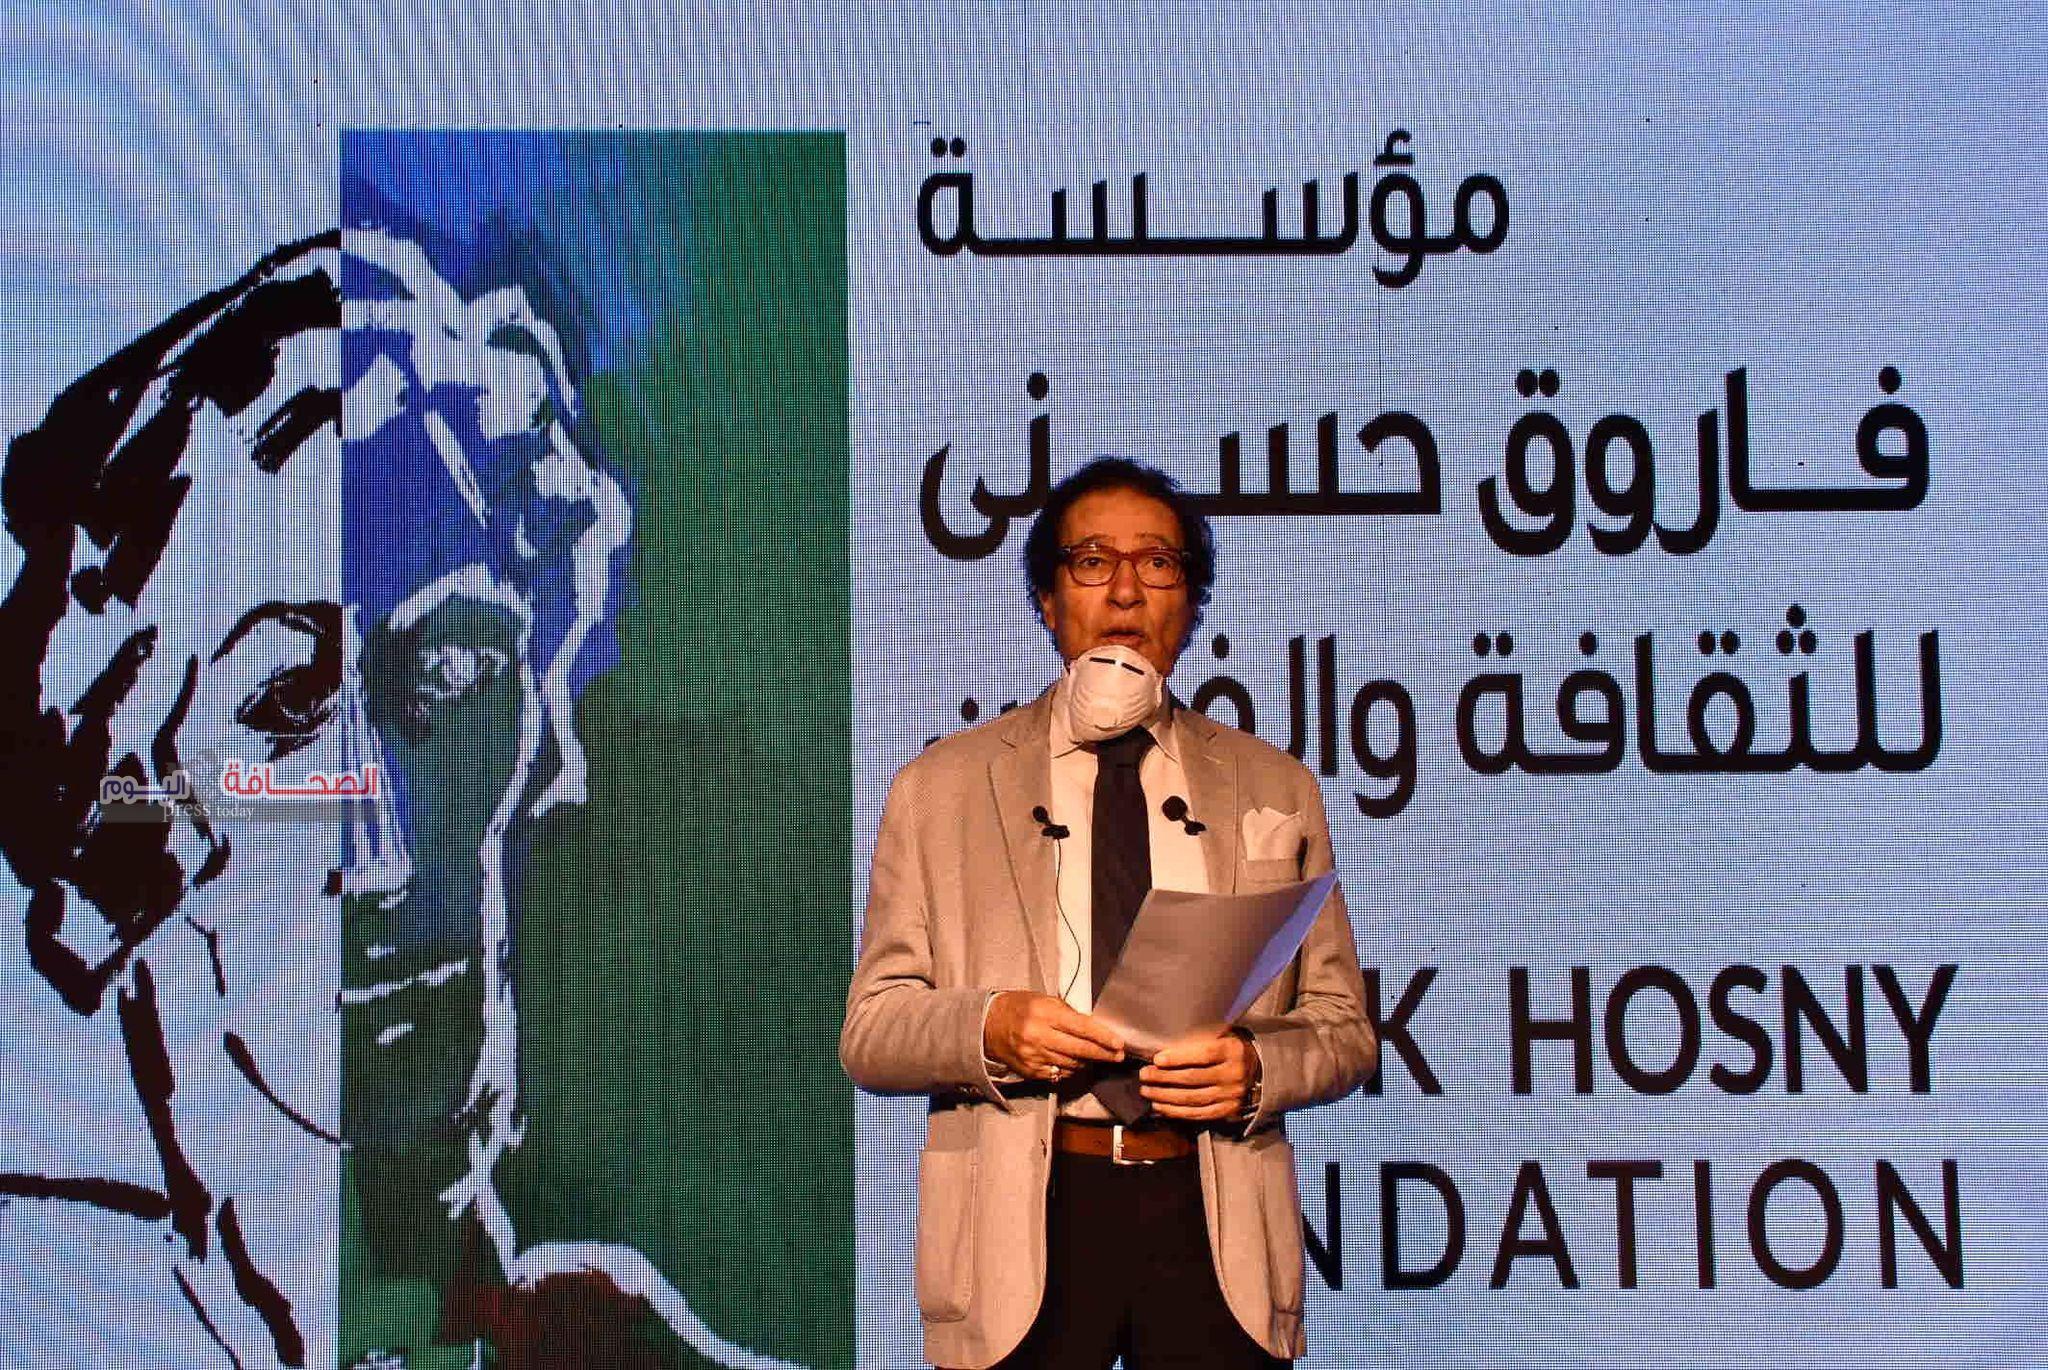 بالصور ..مؤتمر صحفى للدورة الثانية لجائزة الفنان فاروق حسنى للفنون والثقافة